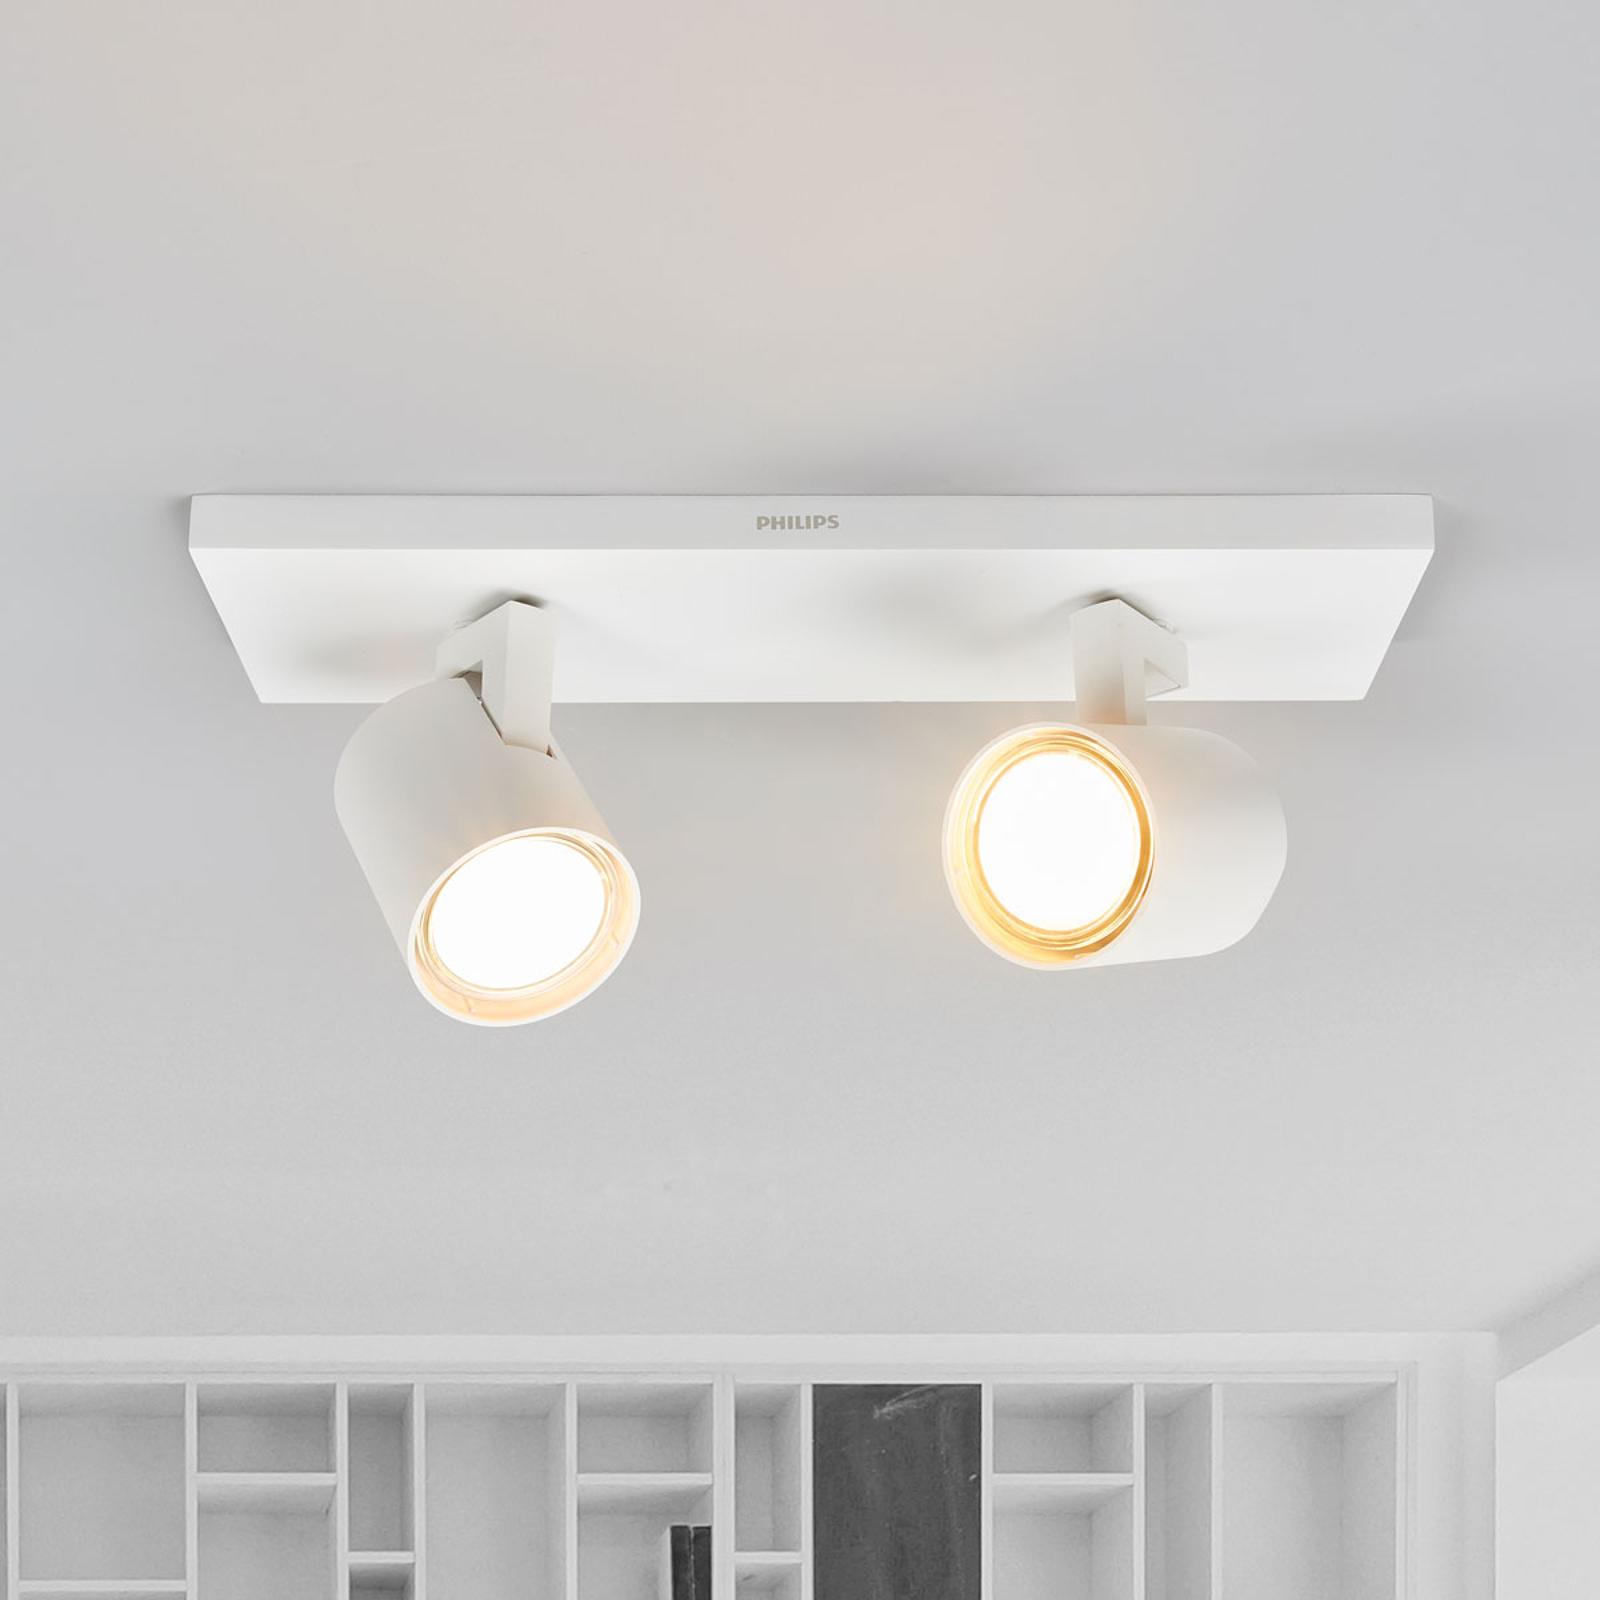 Philips Runner LED-Deckenleuchte weiß 2-flg.